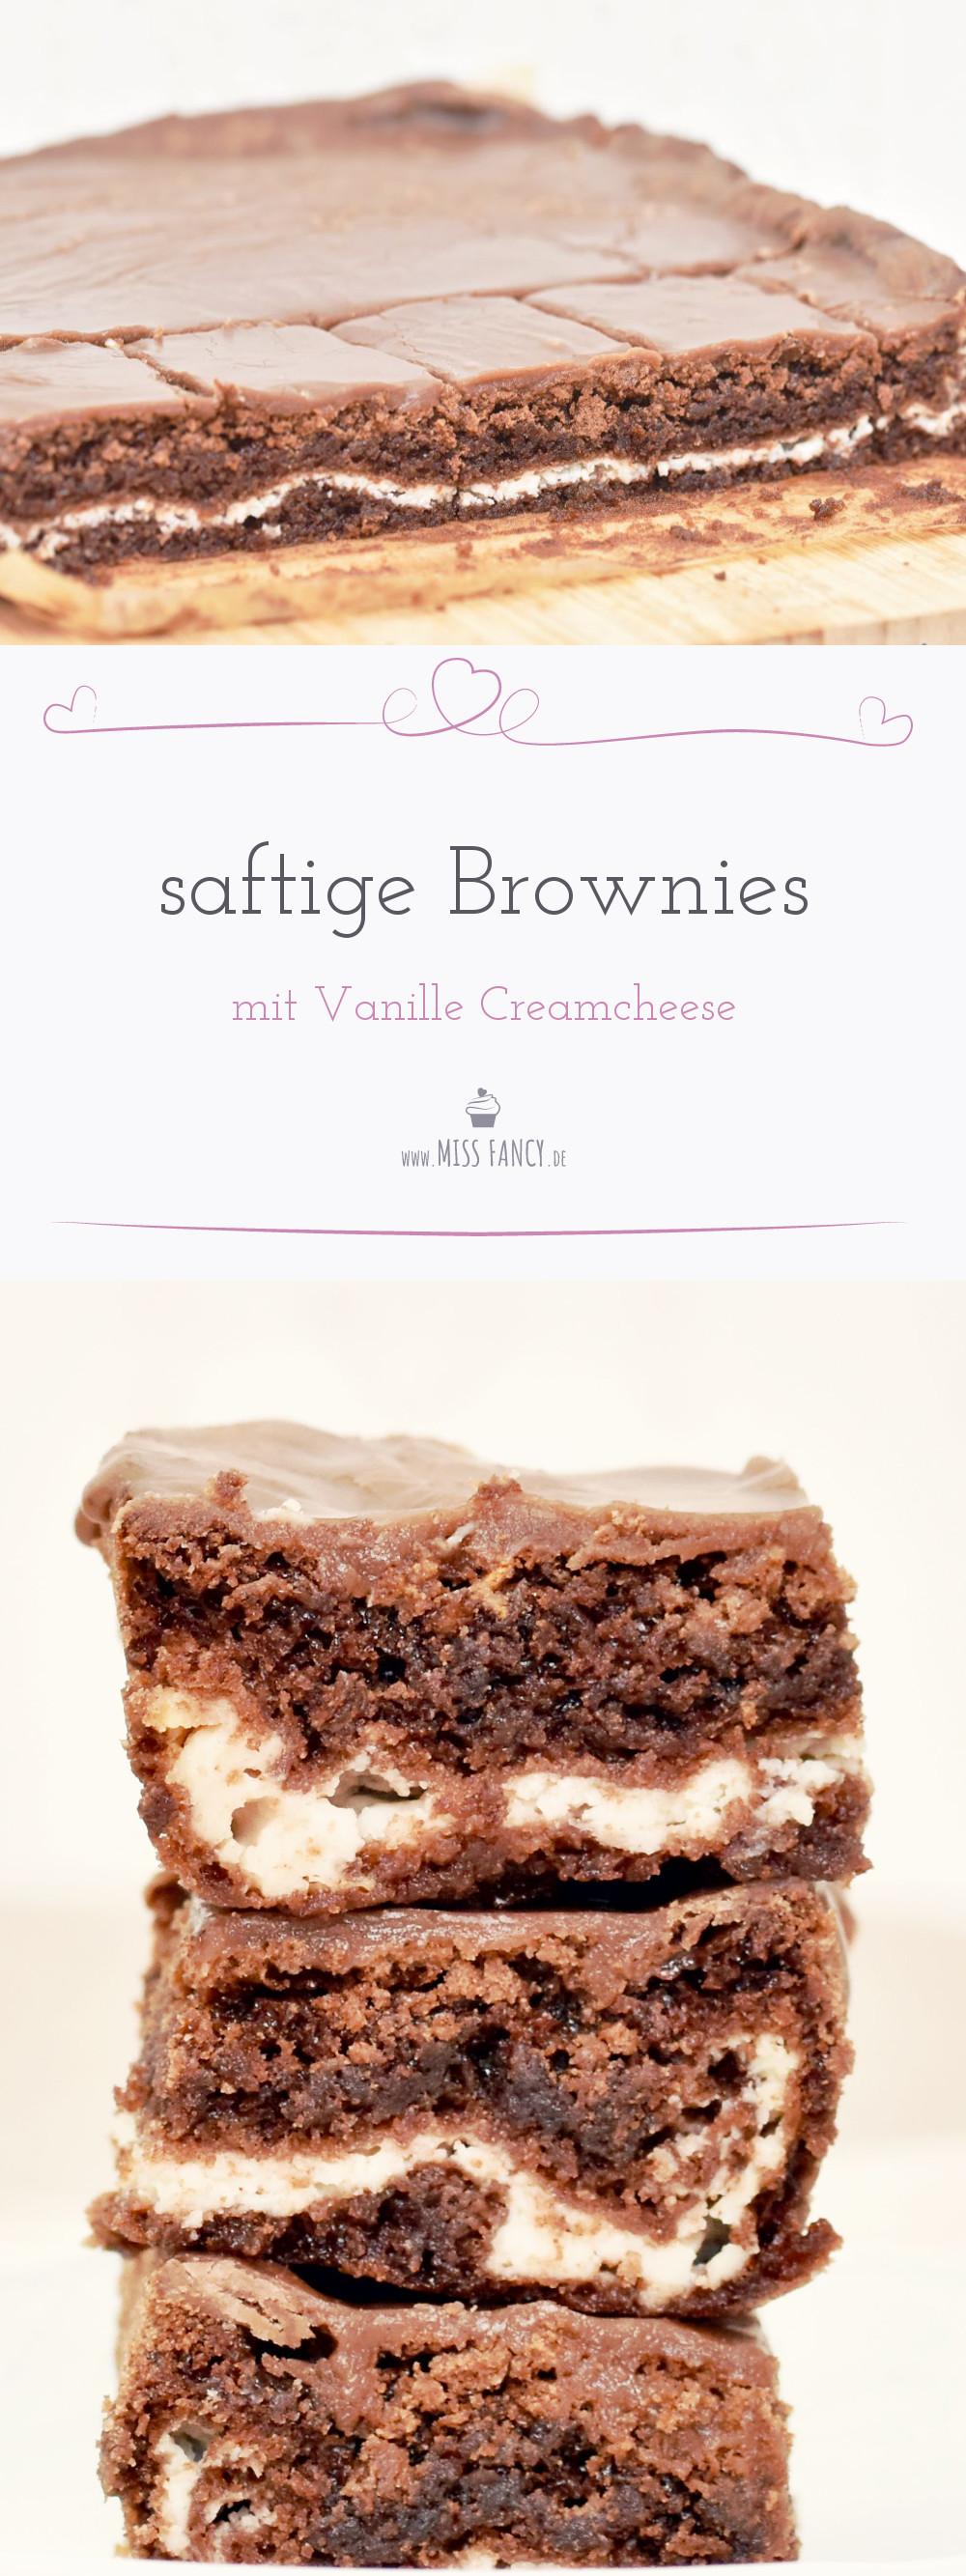 Rezept Creamcheese Brownies mit Vanille